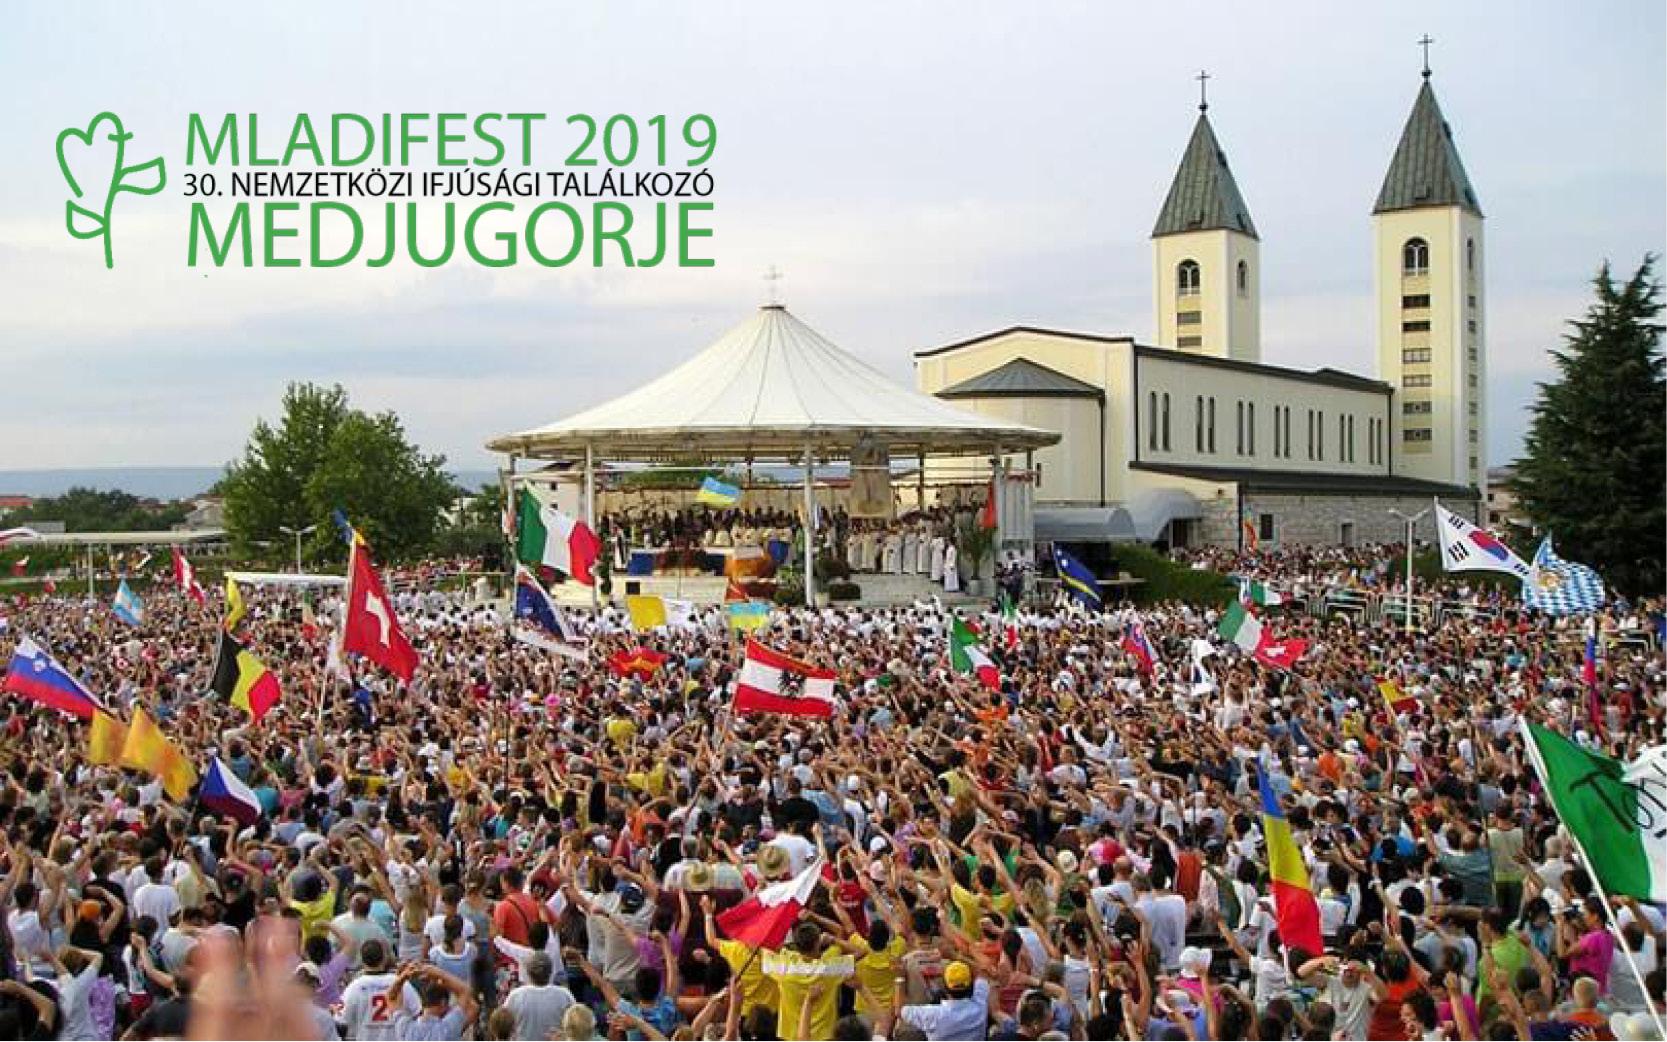 Medjugorje, Mladifest 2019